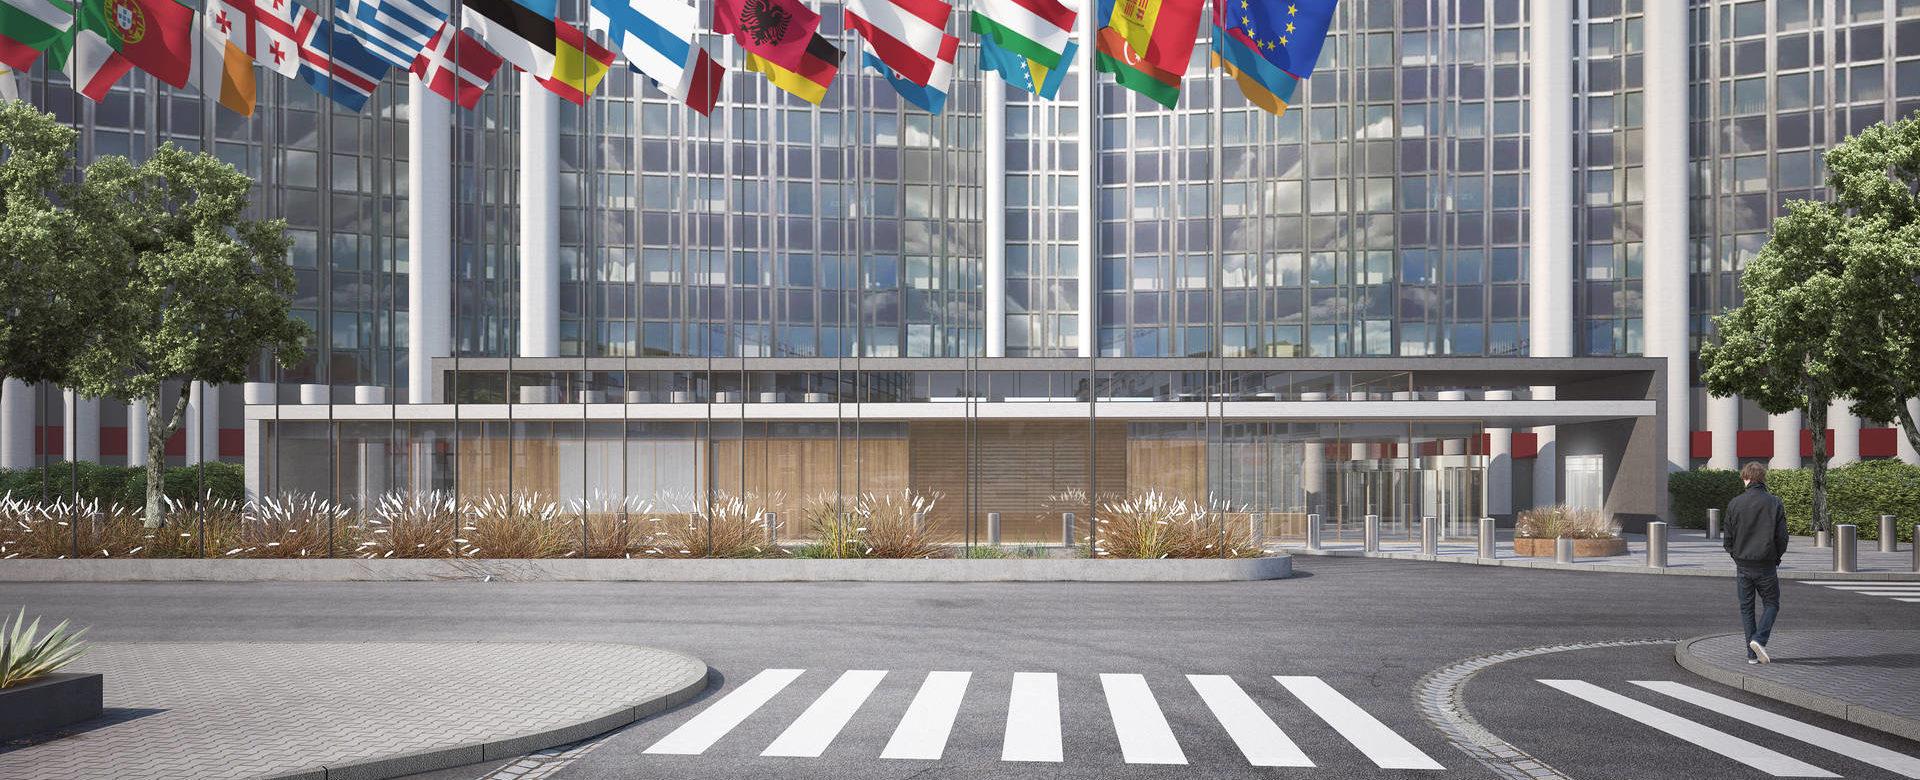 travail architecture au parlement europ en strasbourg aea architectes. Black Bedroom Furniture Sets. Home Design Ideas